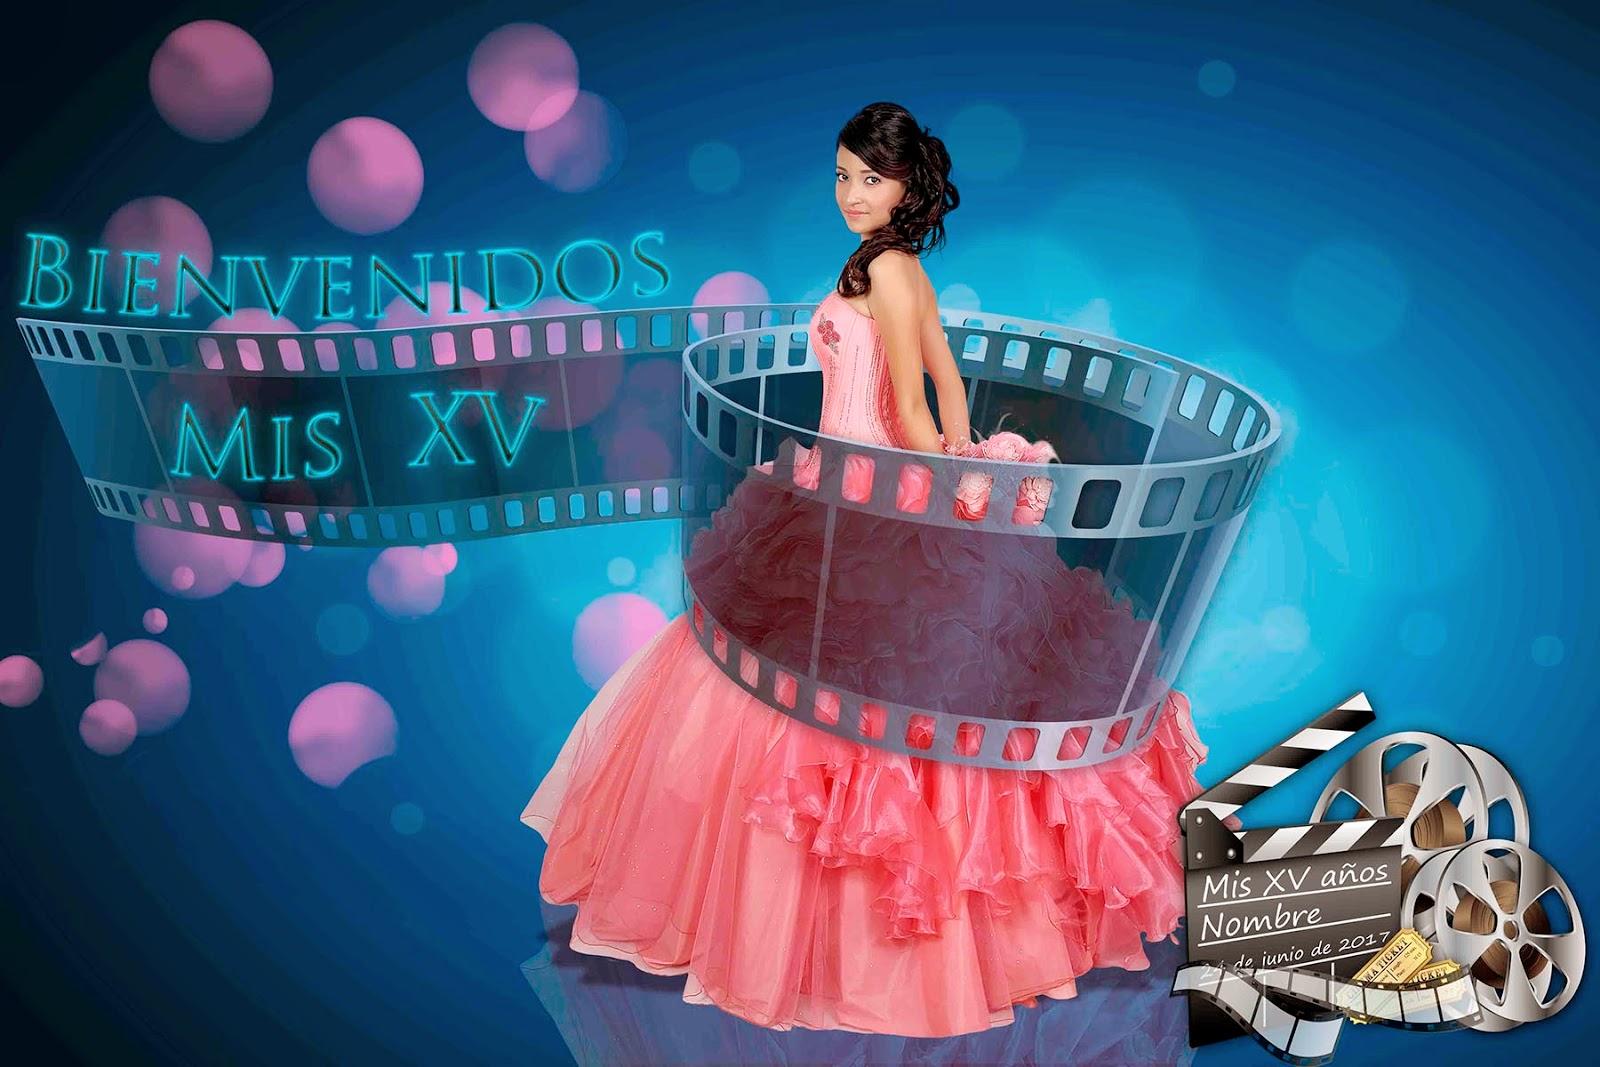 Escenario con quinceañera rodeada de película de cine